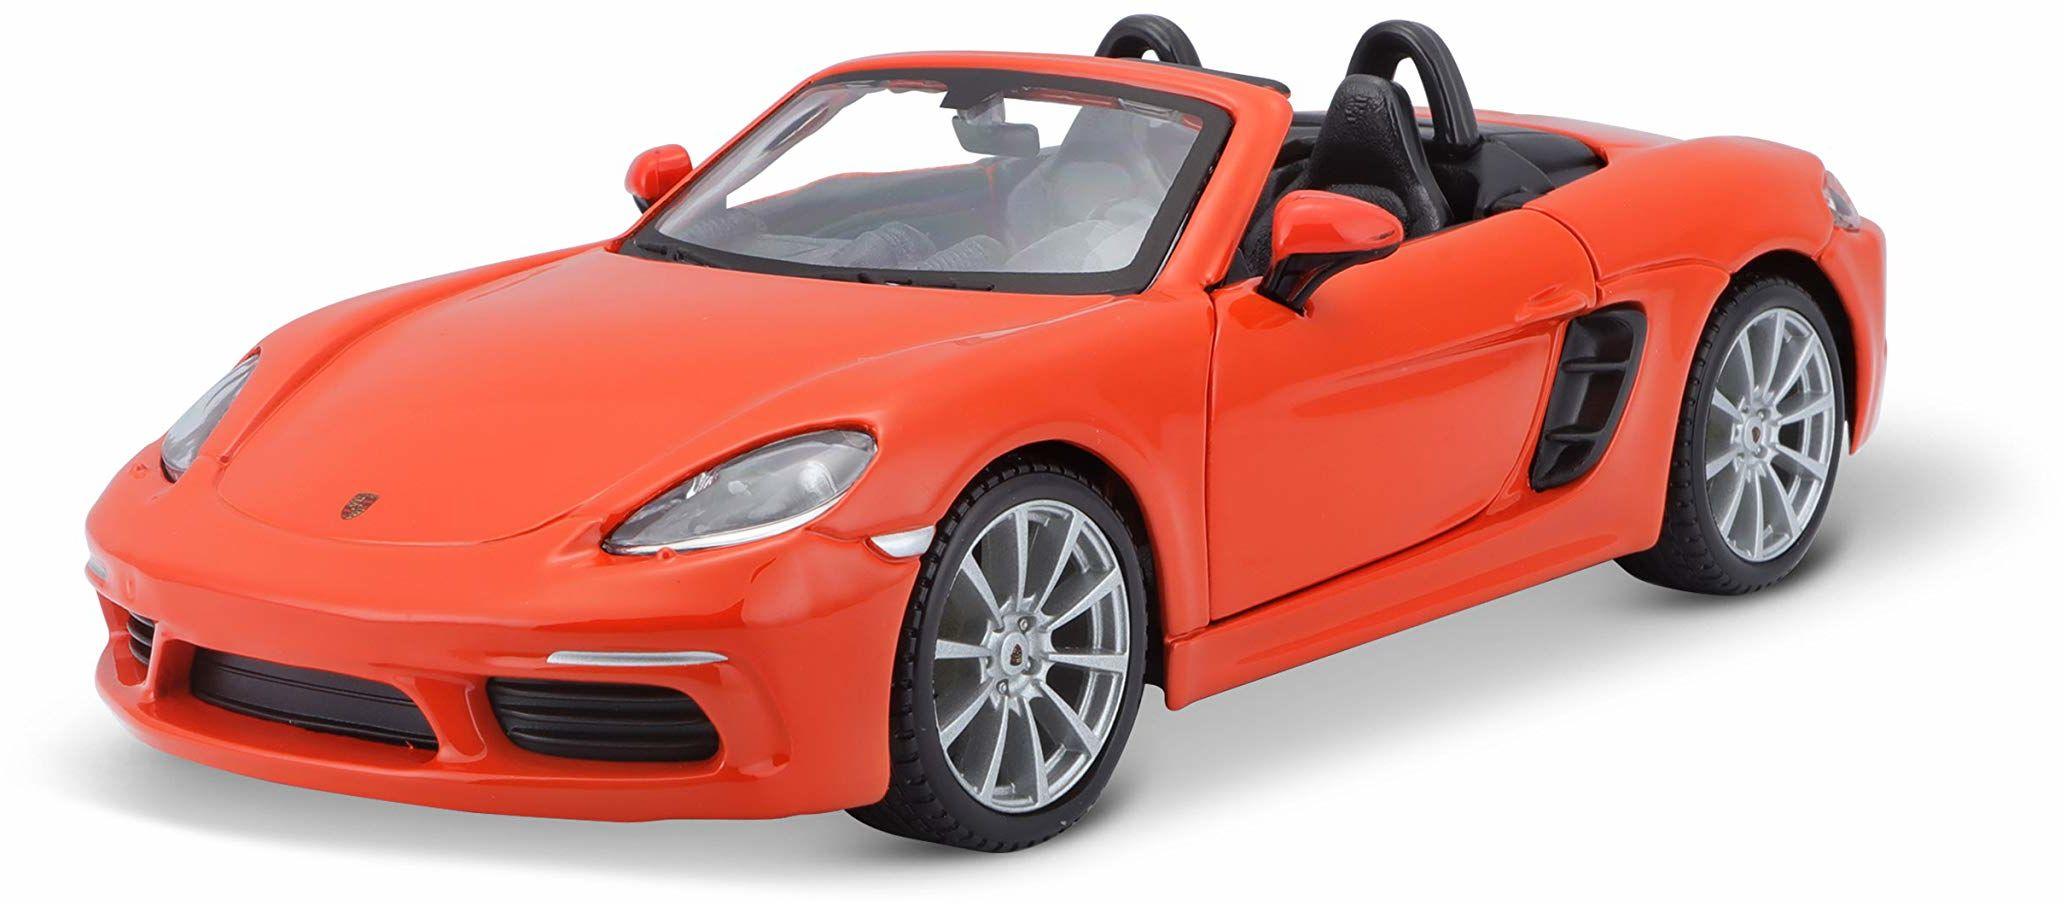 Bauer Spielwaren Porsche 718 Boxster: model samochodu w skali 1:24 drzwi otwierane 19 cm pomarańczowy (18-21087OR) B18-21087